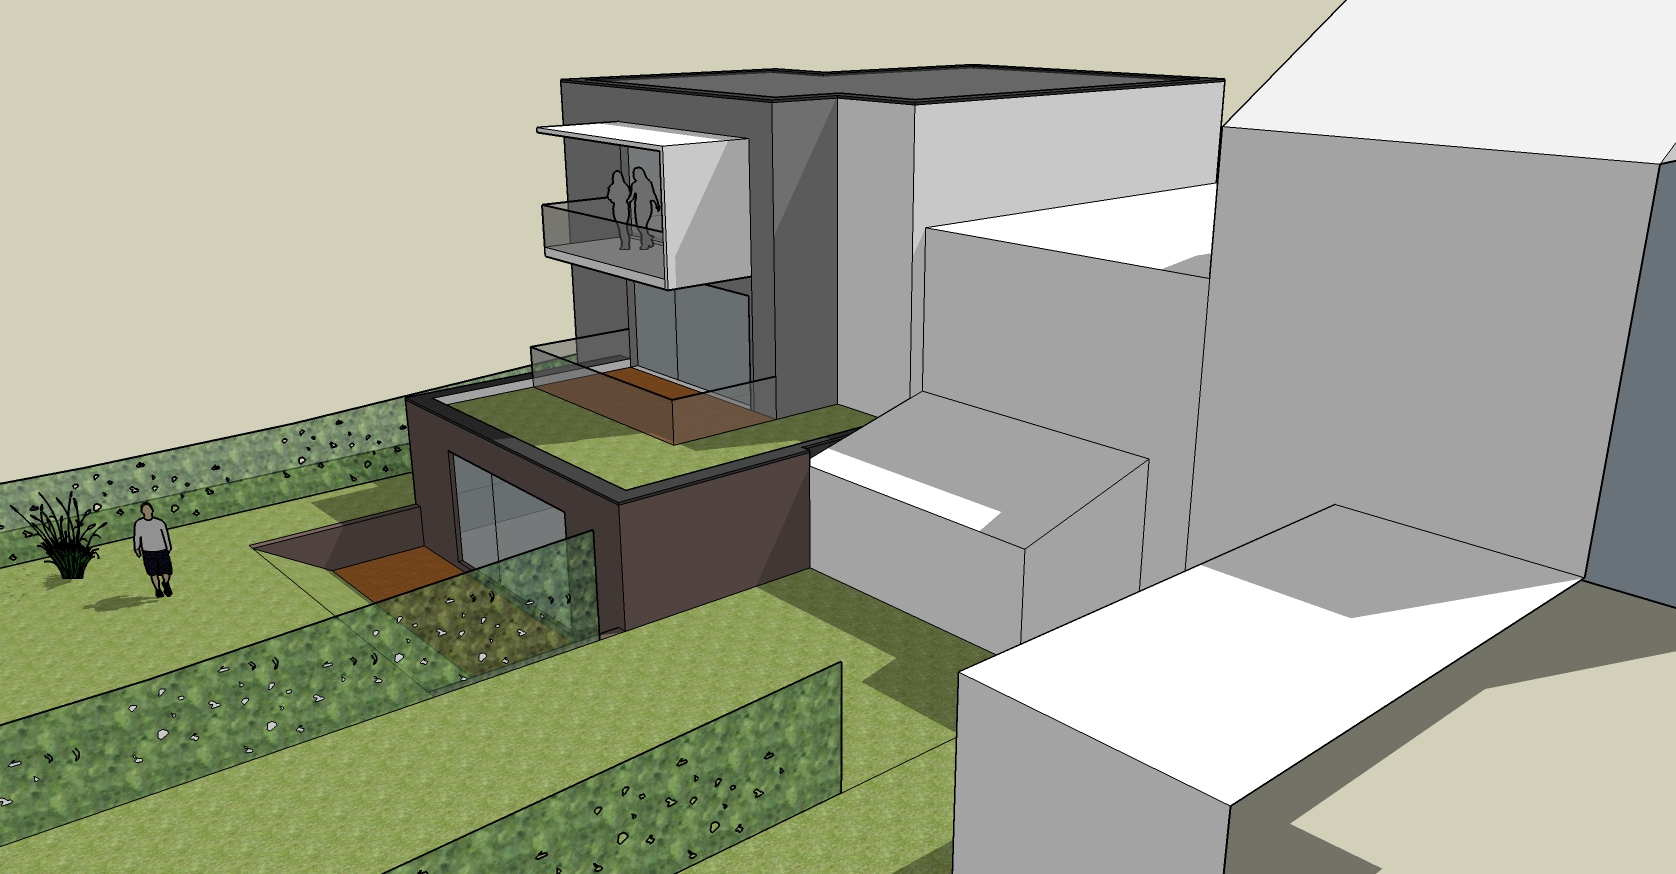 Projet tth chaudfontaine bureau d 39 architecture tilkin for Projet d architecture